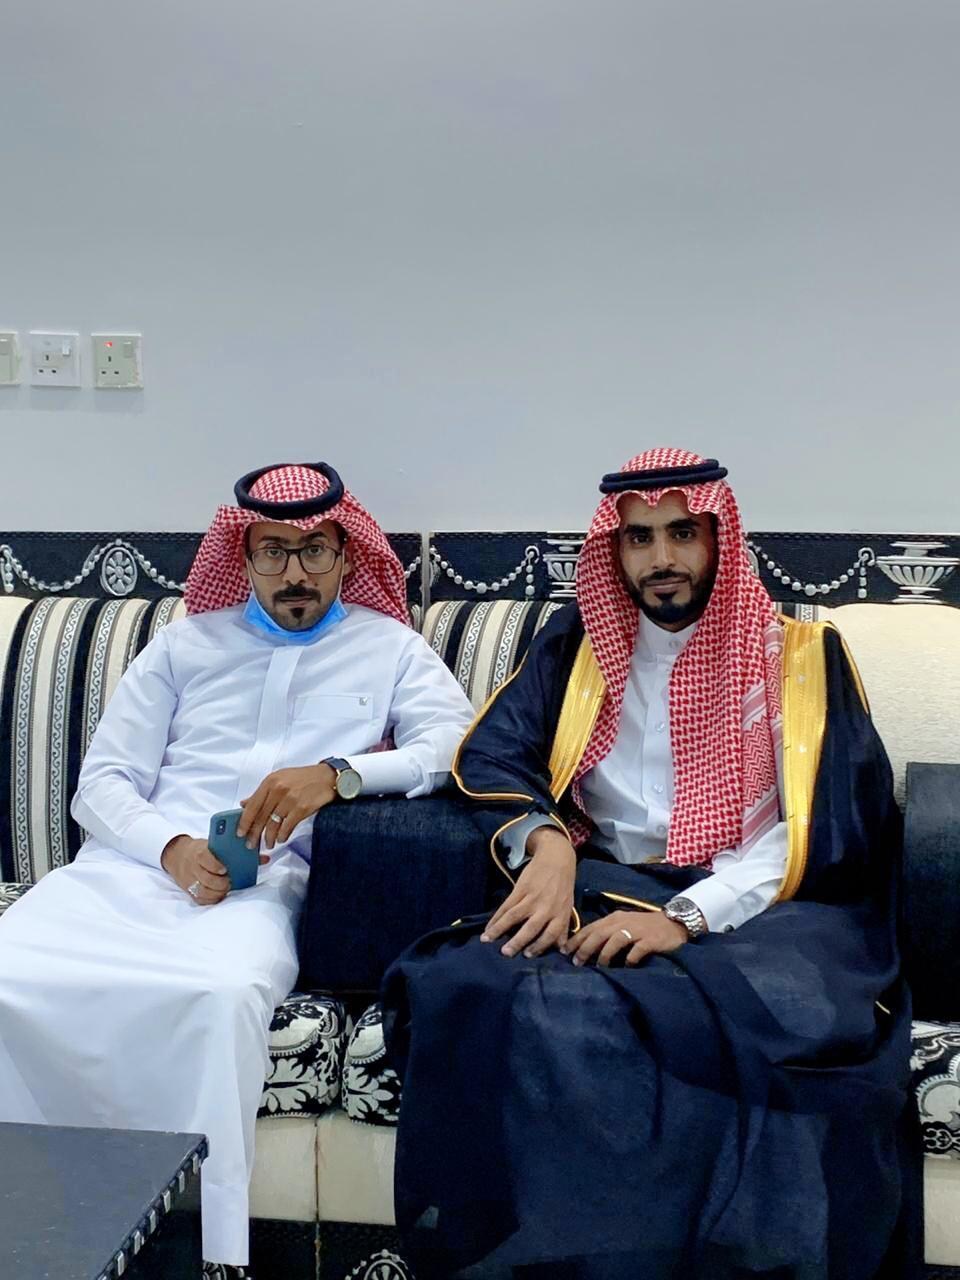 الشاب / عبدالرحمن زايد البلوي يحتفل بزواجه d0662416 9ccd 418d 8797 a52bc82aa81f